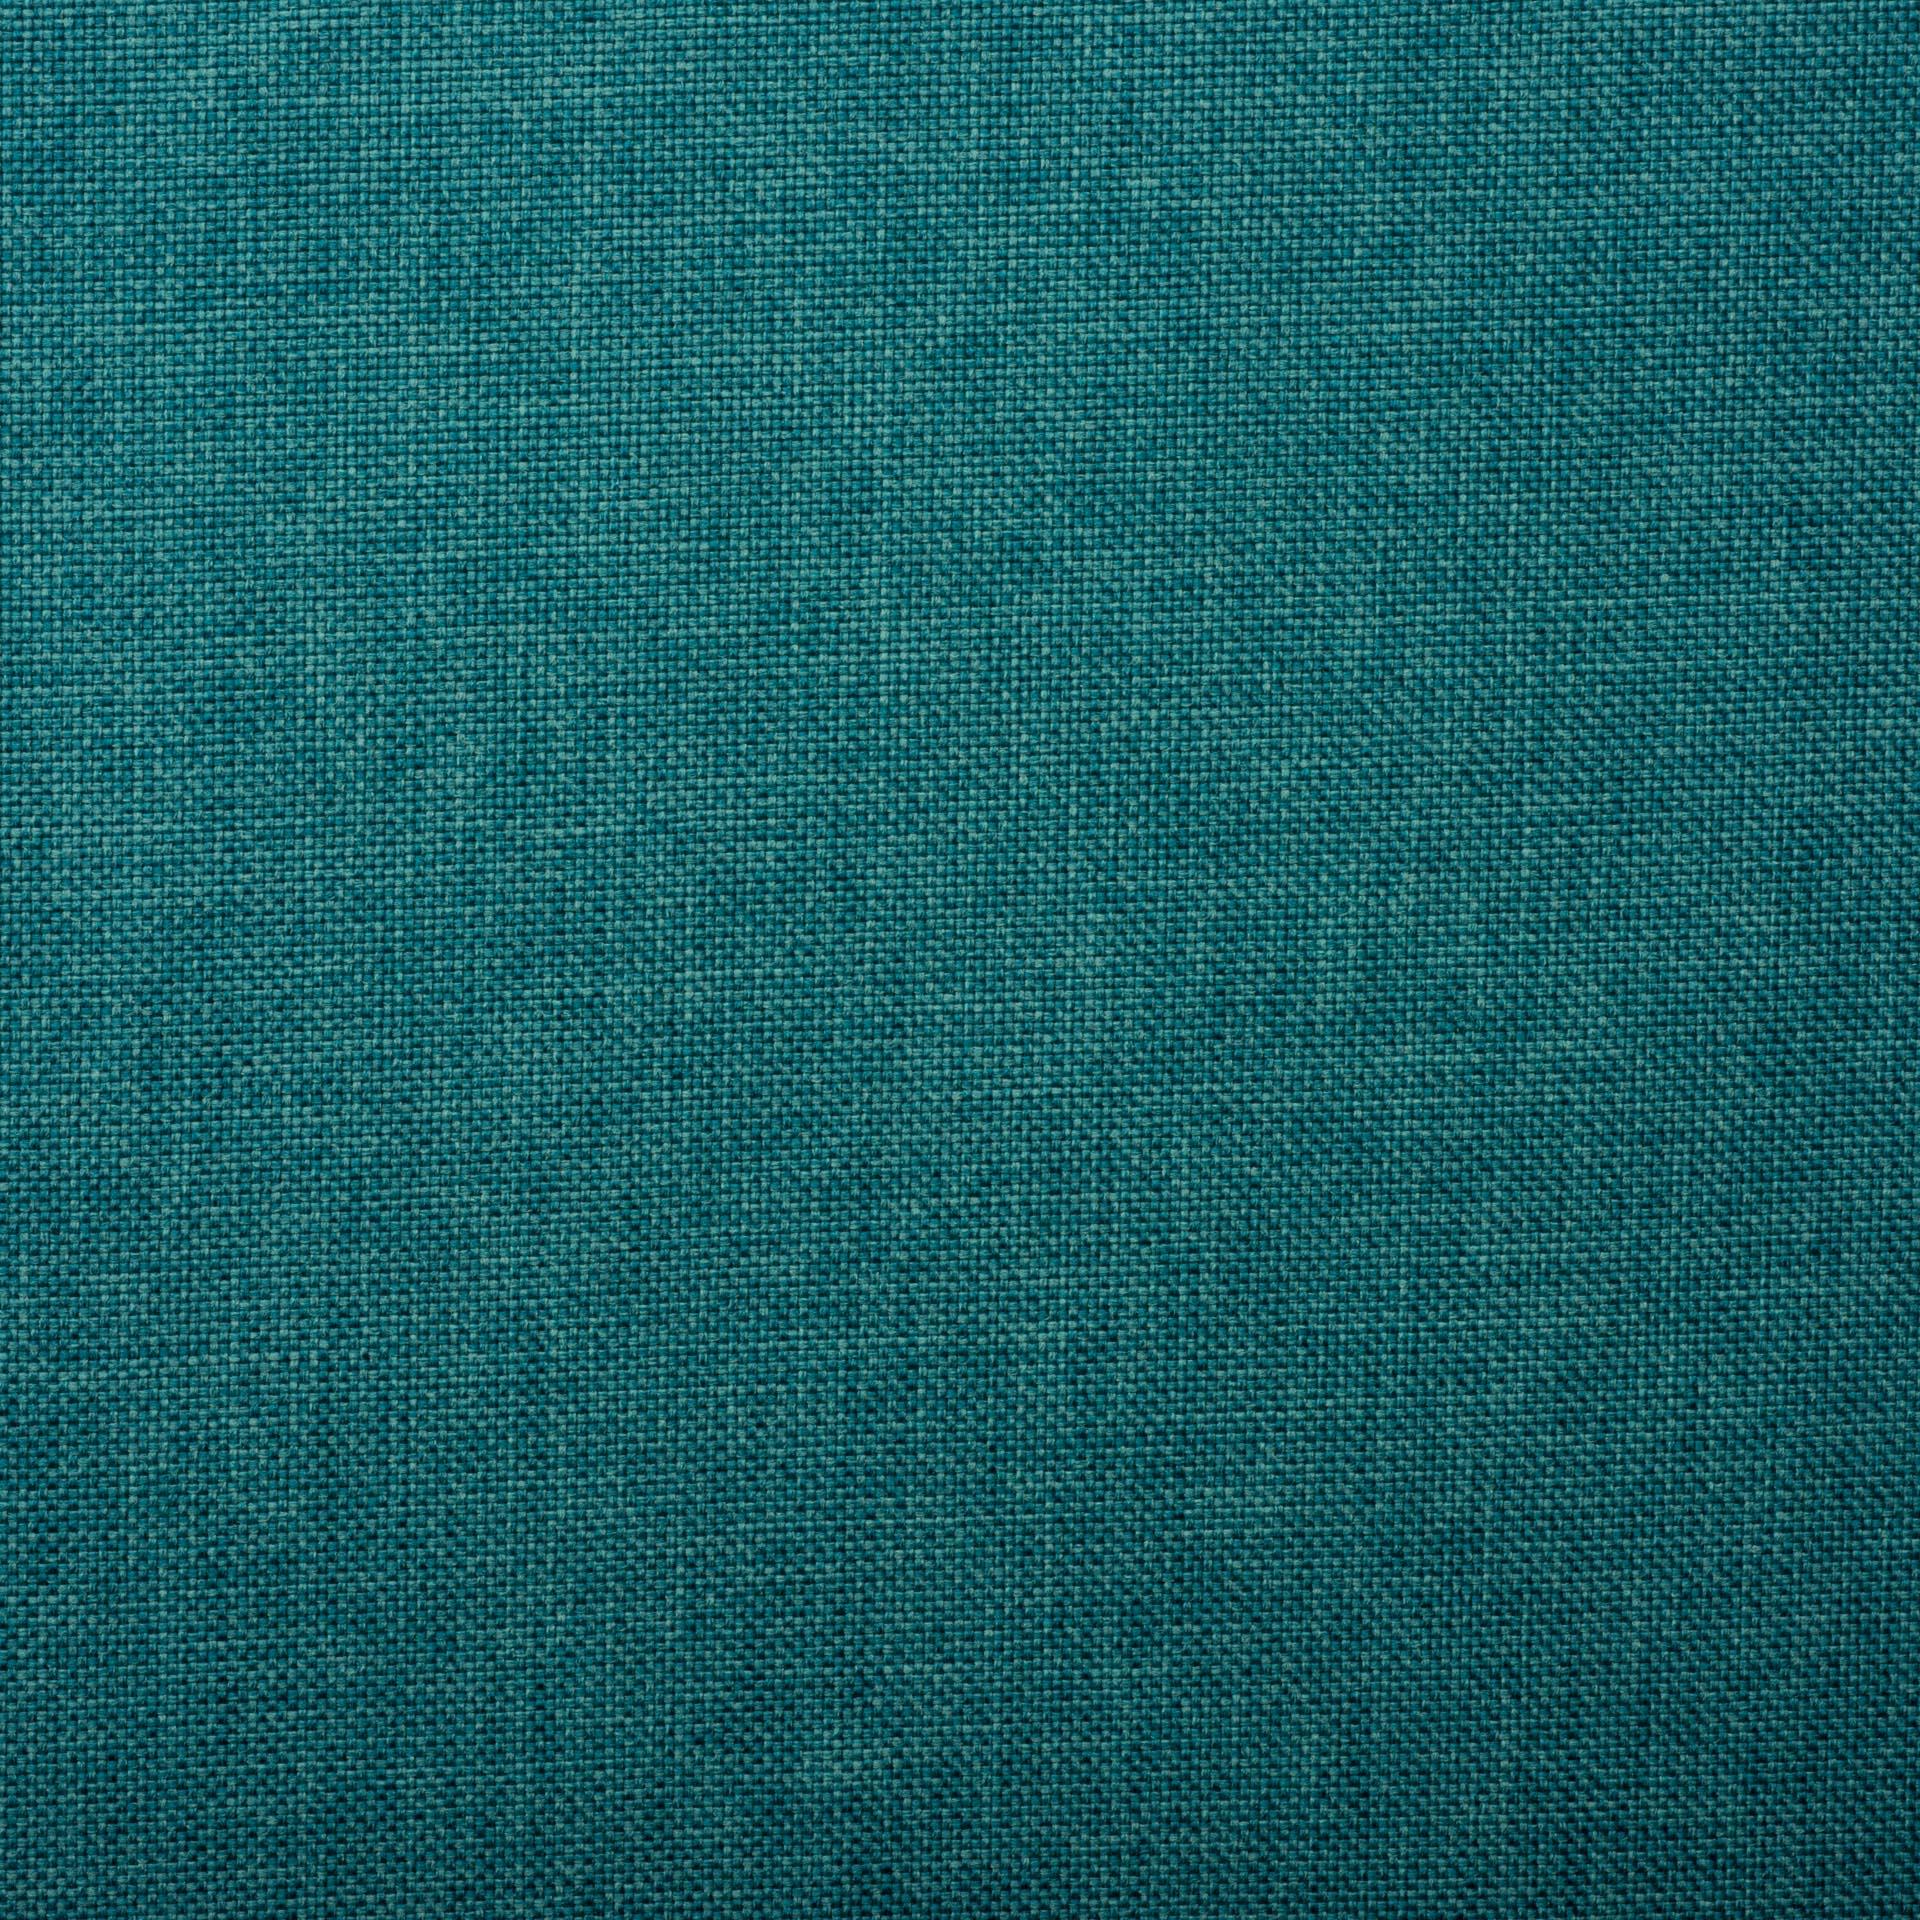 Коллекция ткани Саванна AQUAMARINE 17,  купить ткань Жаккард для мебели Украина